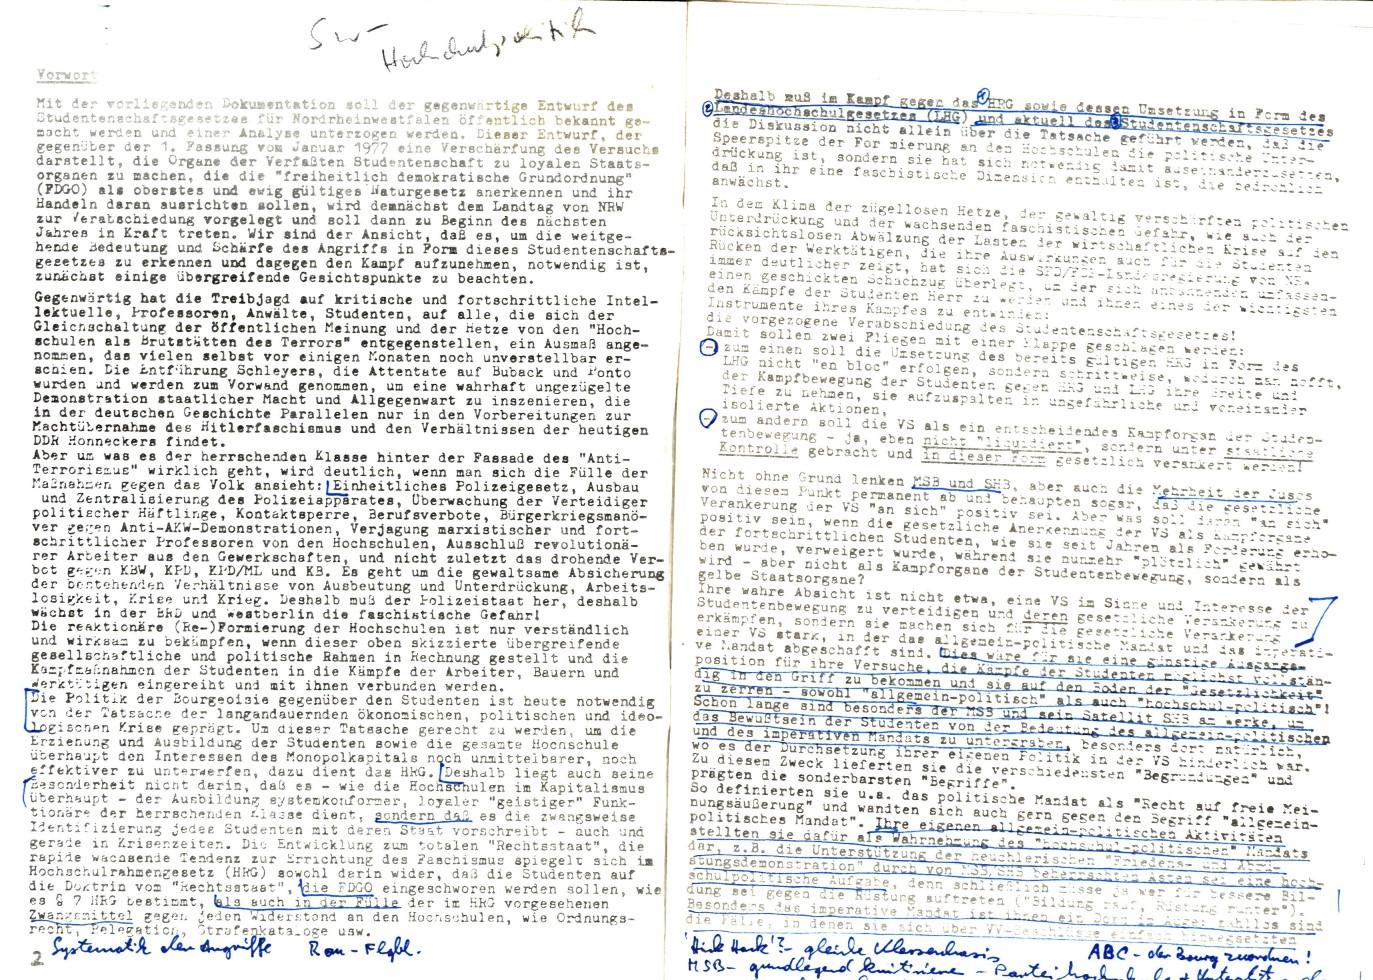 NRW_KSV_1977_Studentenschaftsgesetz_02